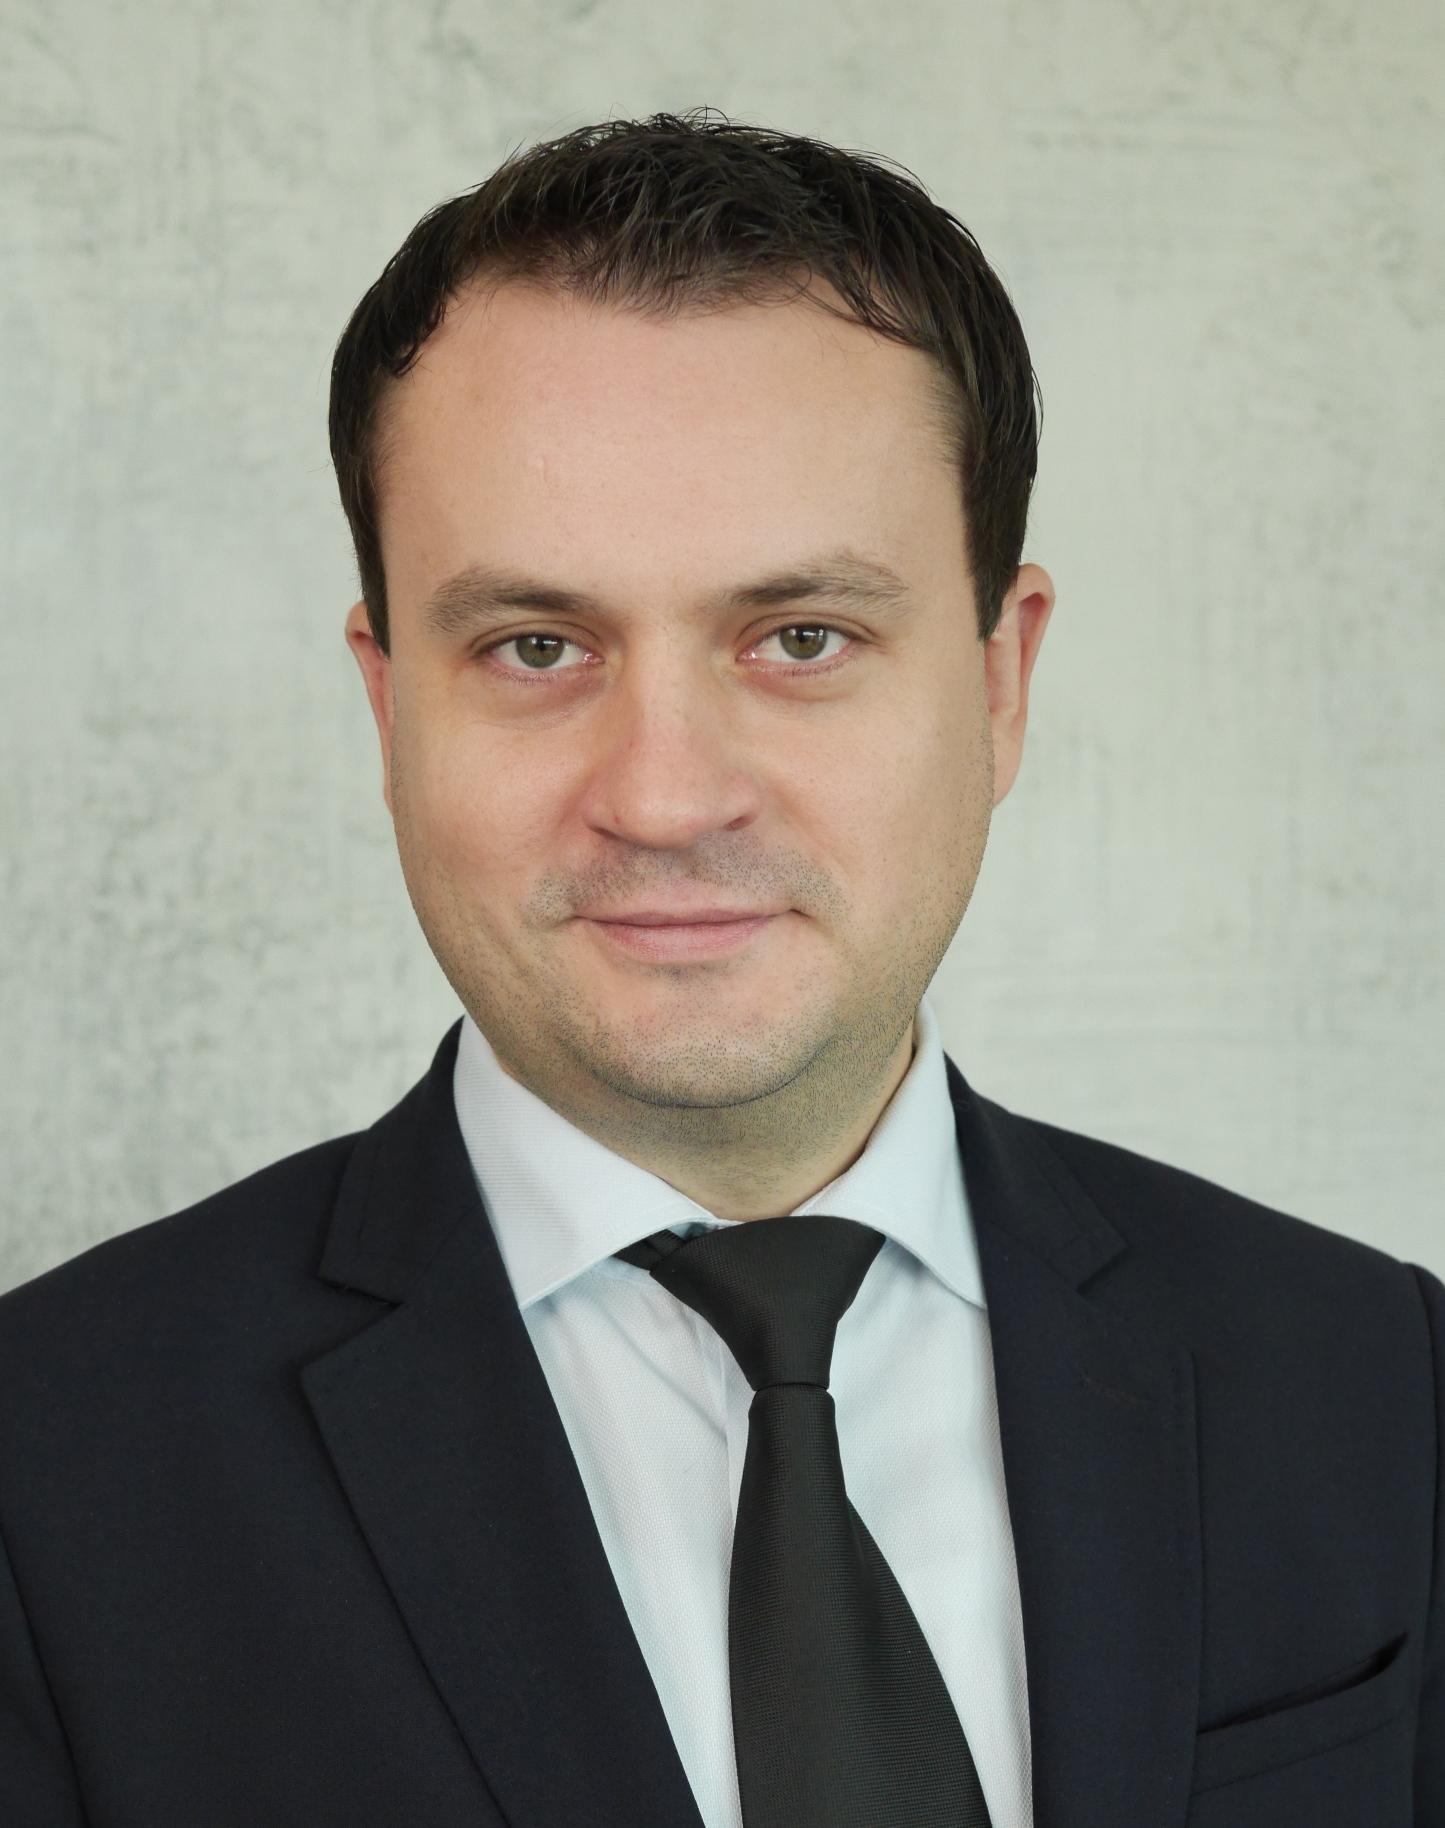 Visuomenei pristatytos verslo Gruzijoje galimybės